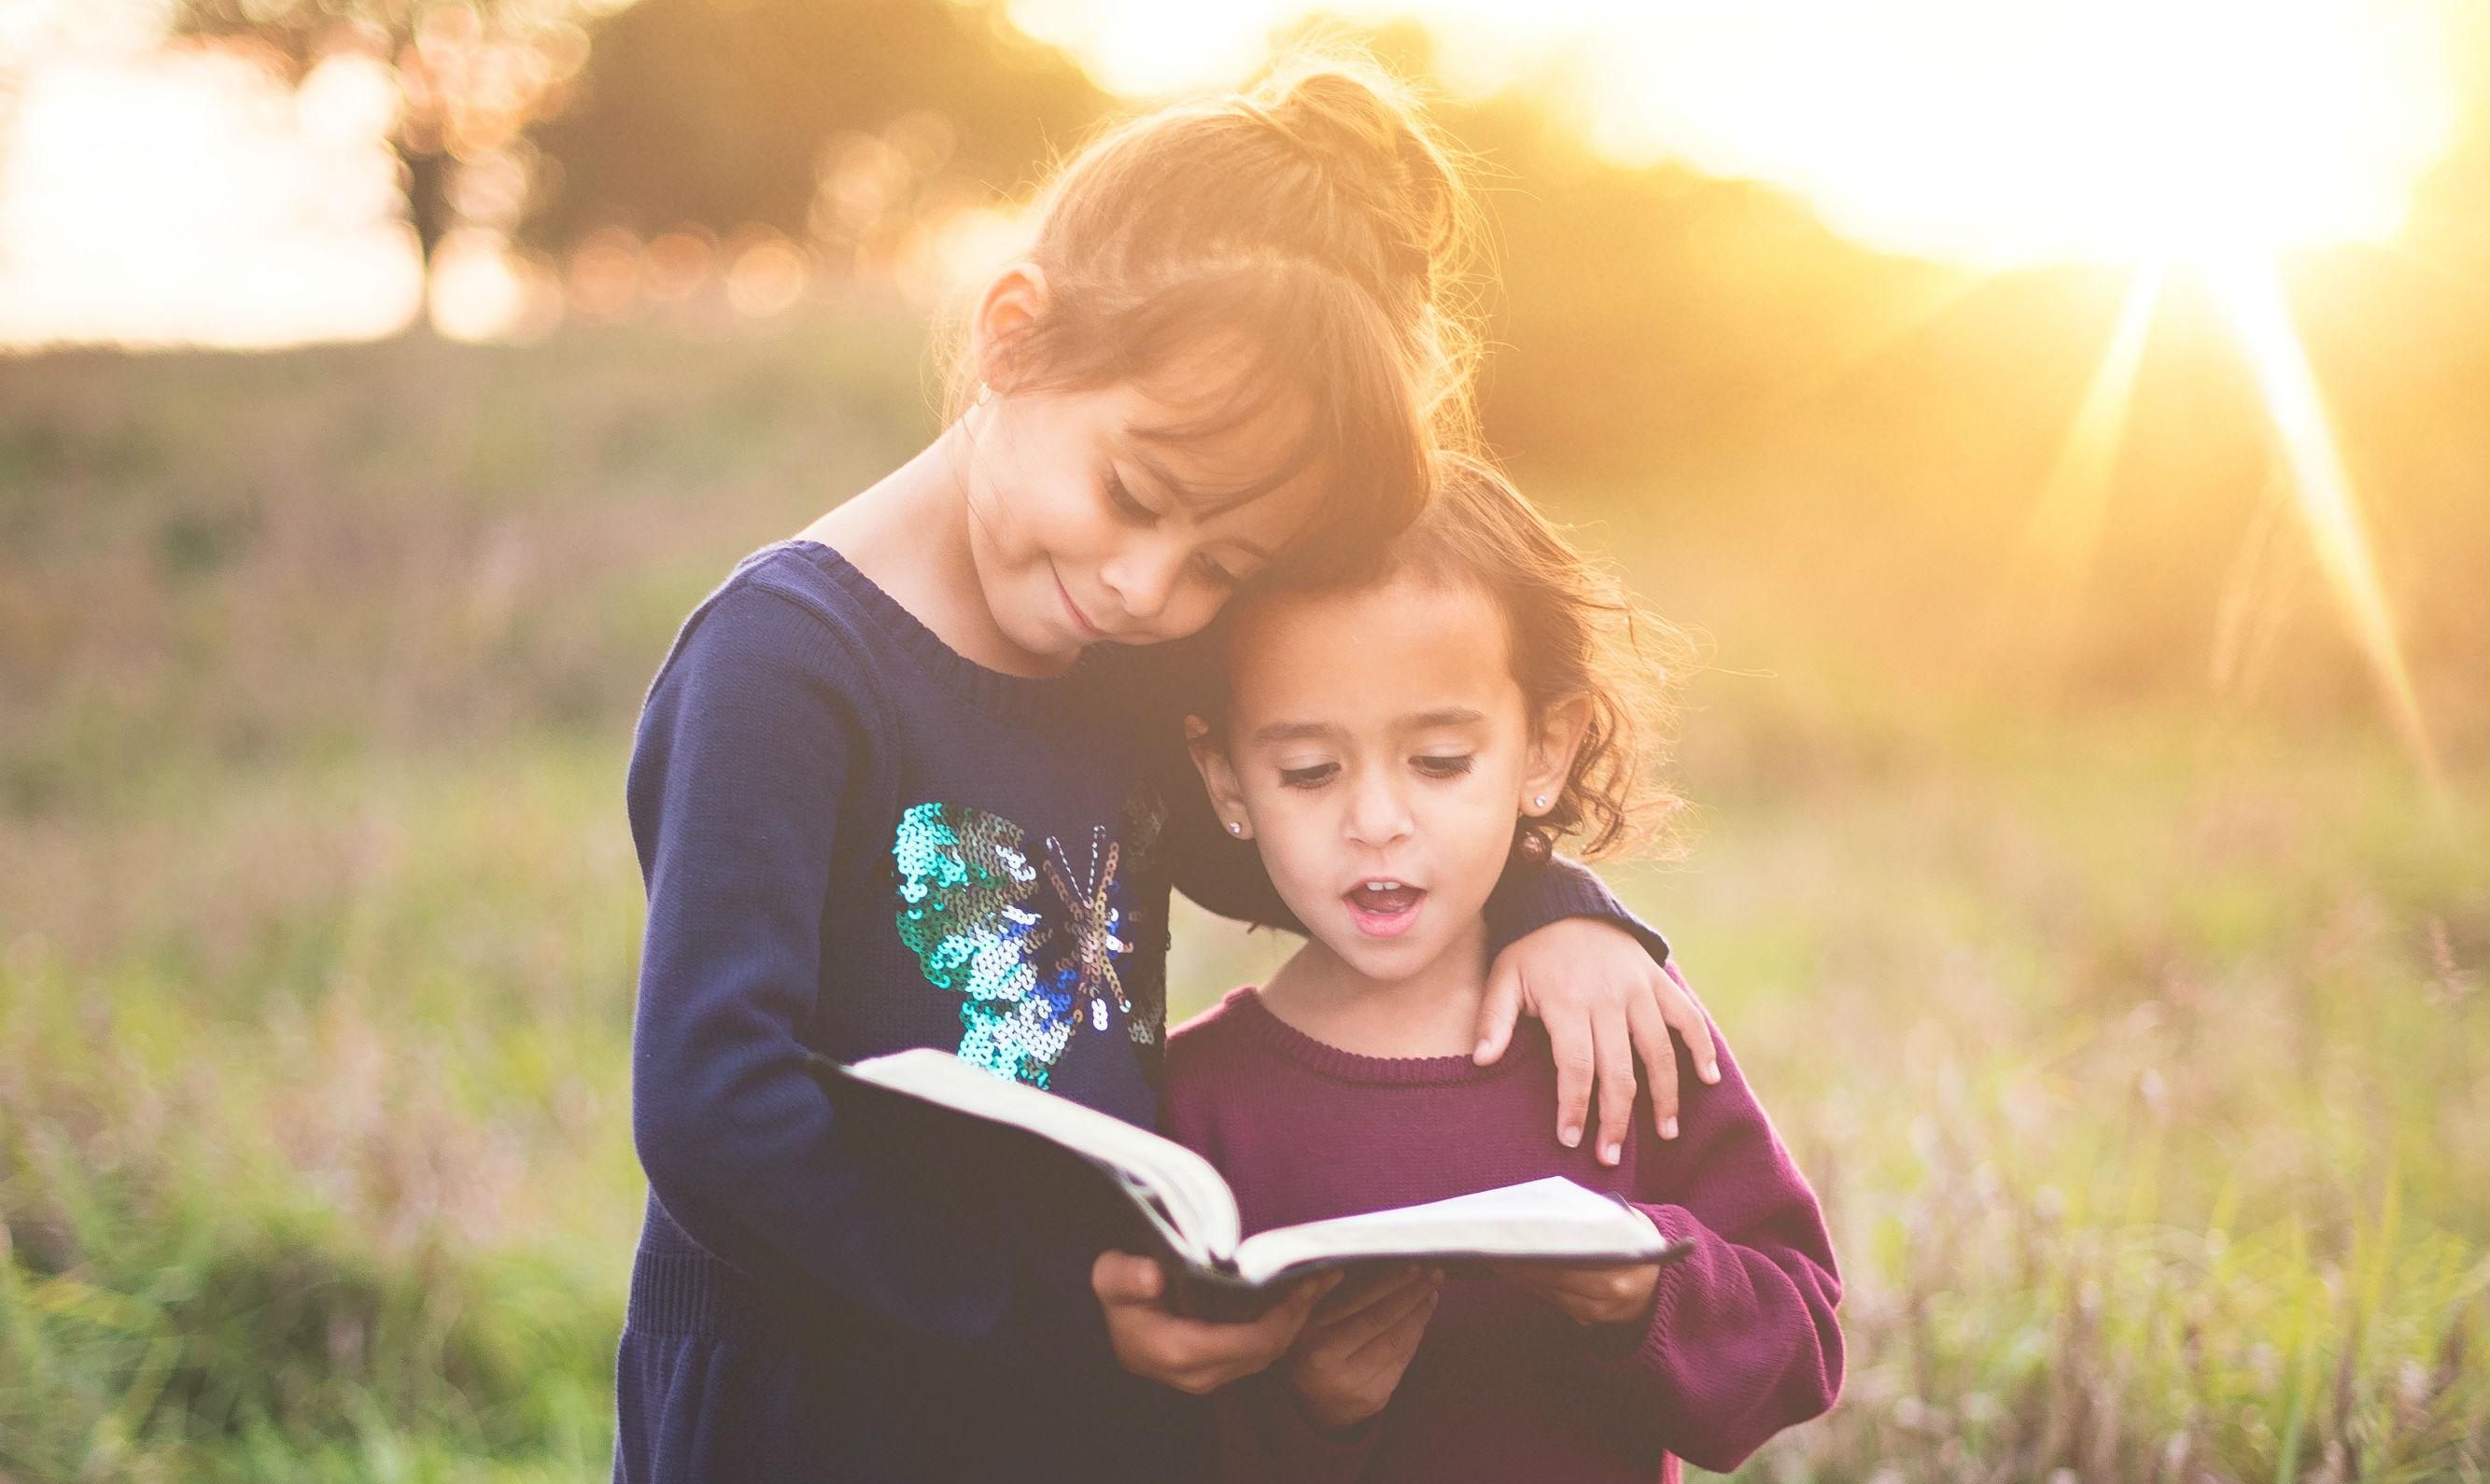 Retelling 'Little Women': The Alarming Agenda in New Fiction for Children